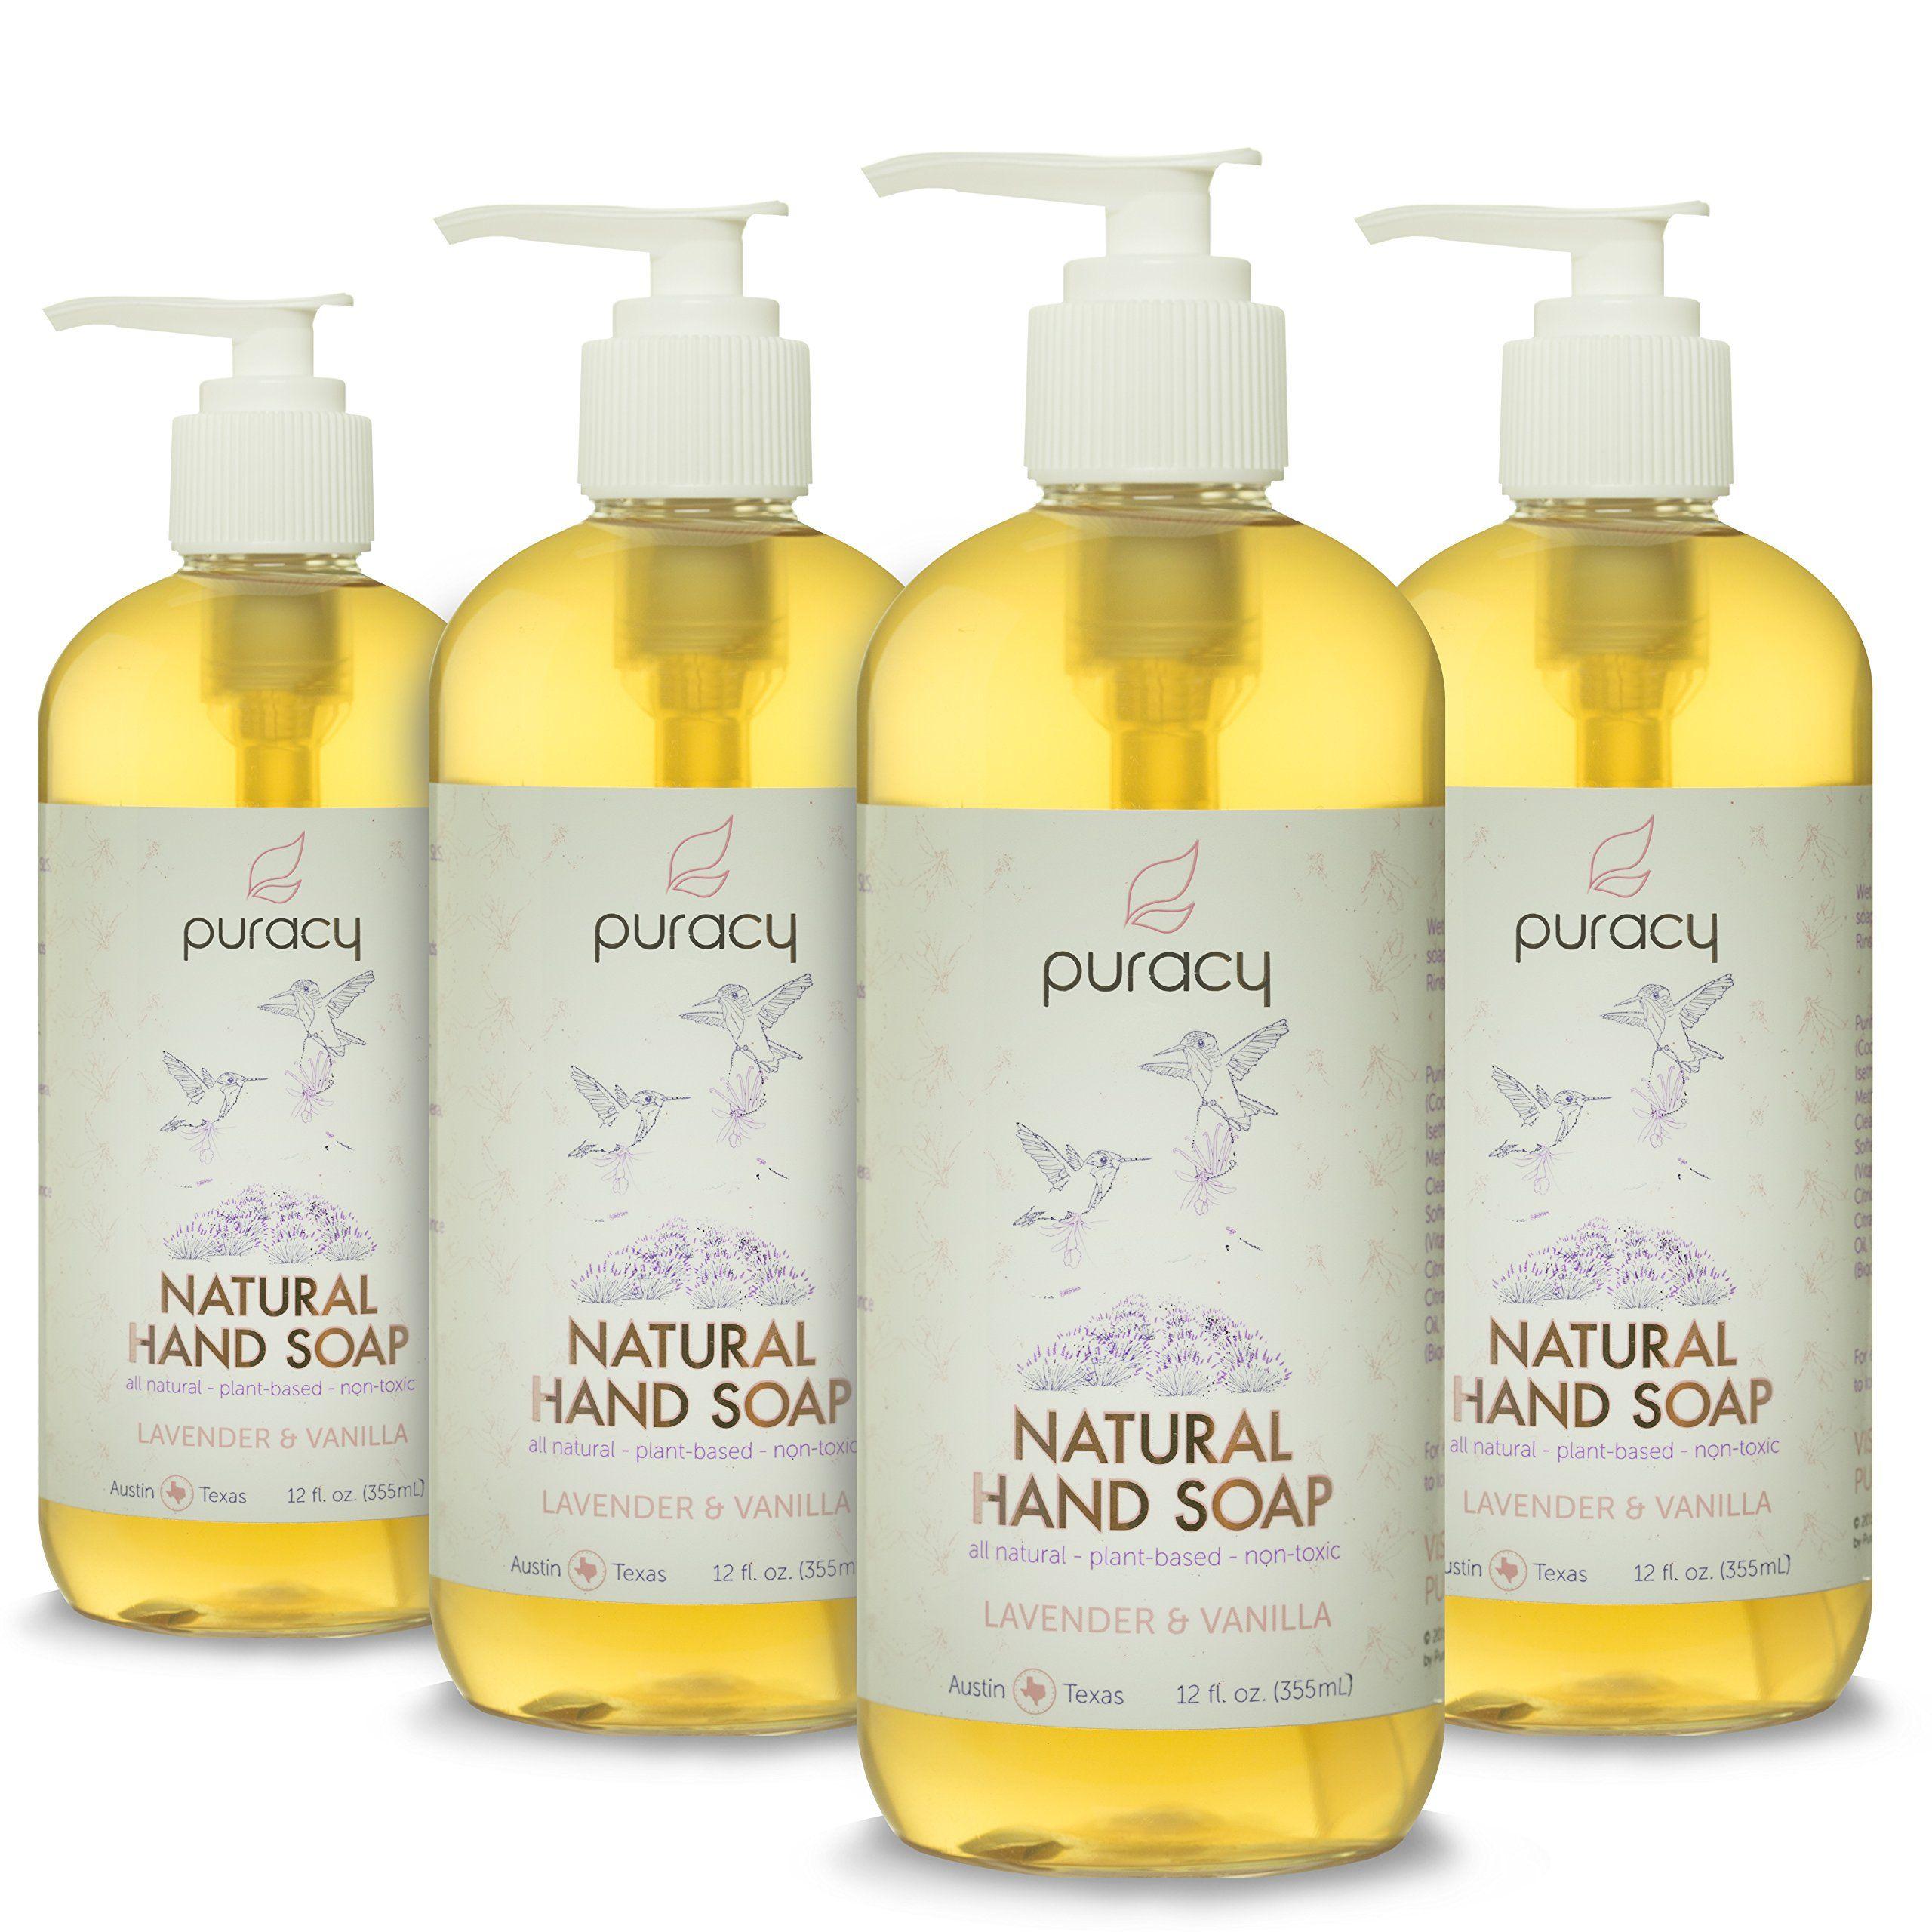 Puracy 100 Natural Liquid Hand Soap Liquid Hand Soap Vanilla